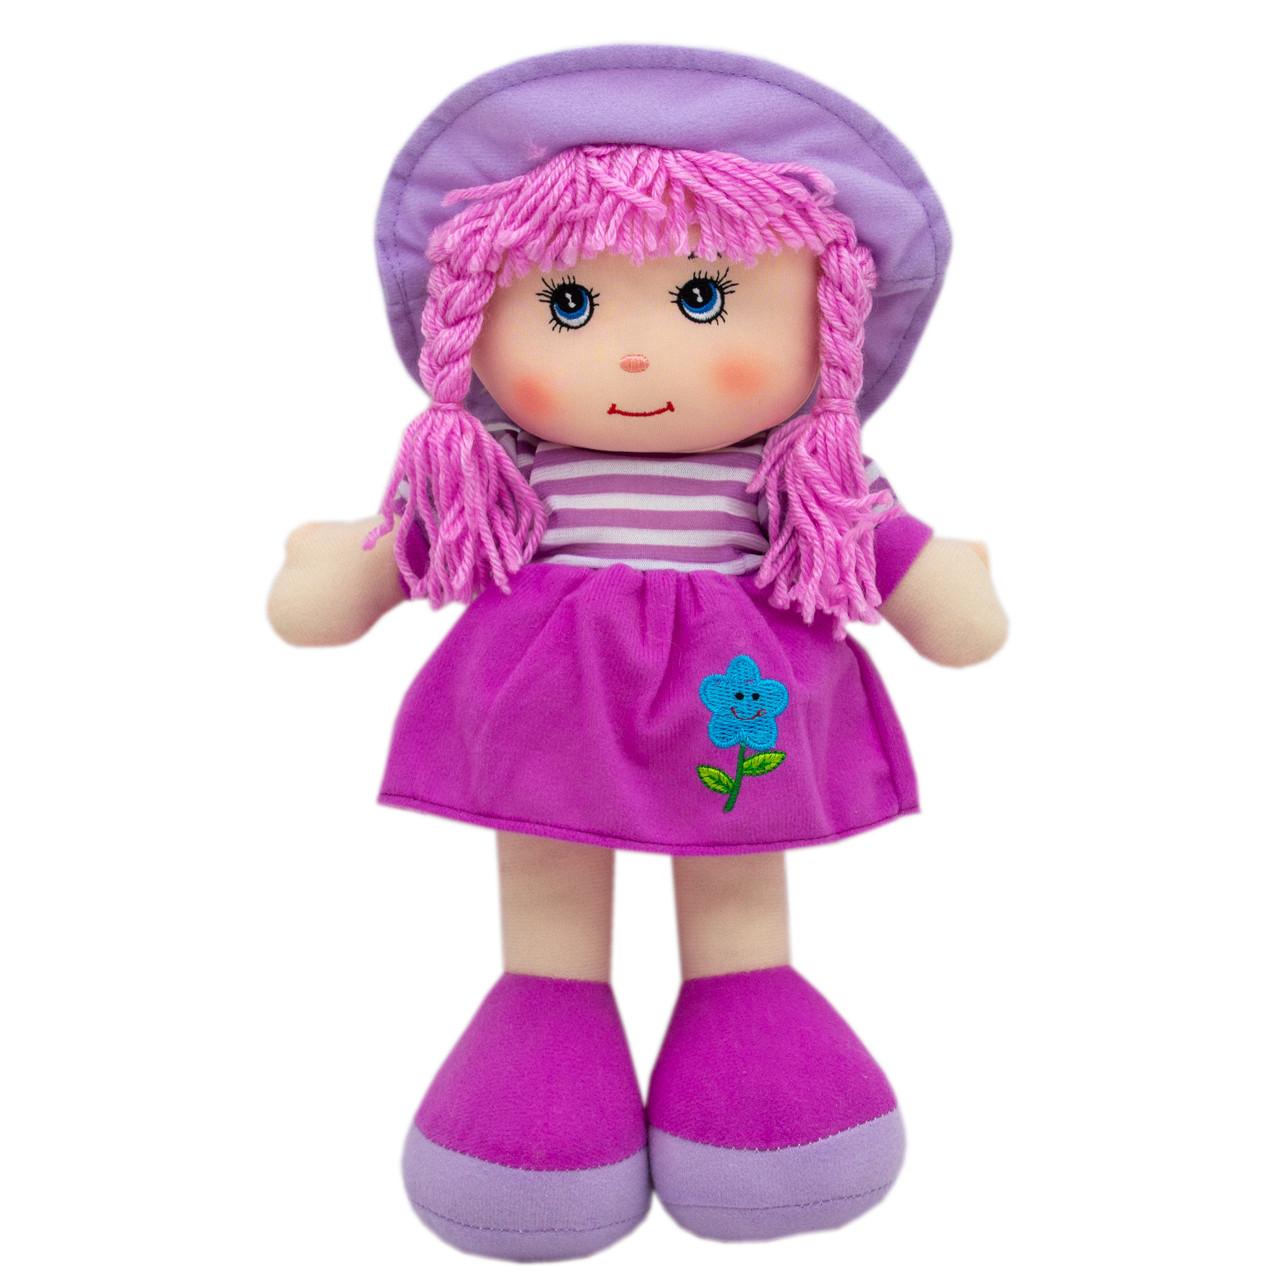 Кукла мягконабивная с вышитым лицом, 36 см, фиолетовая (53914-1)